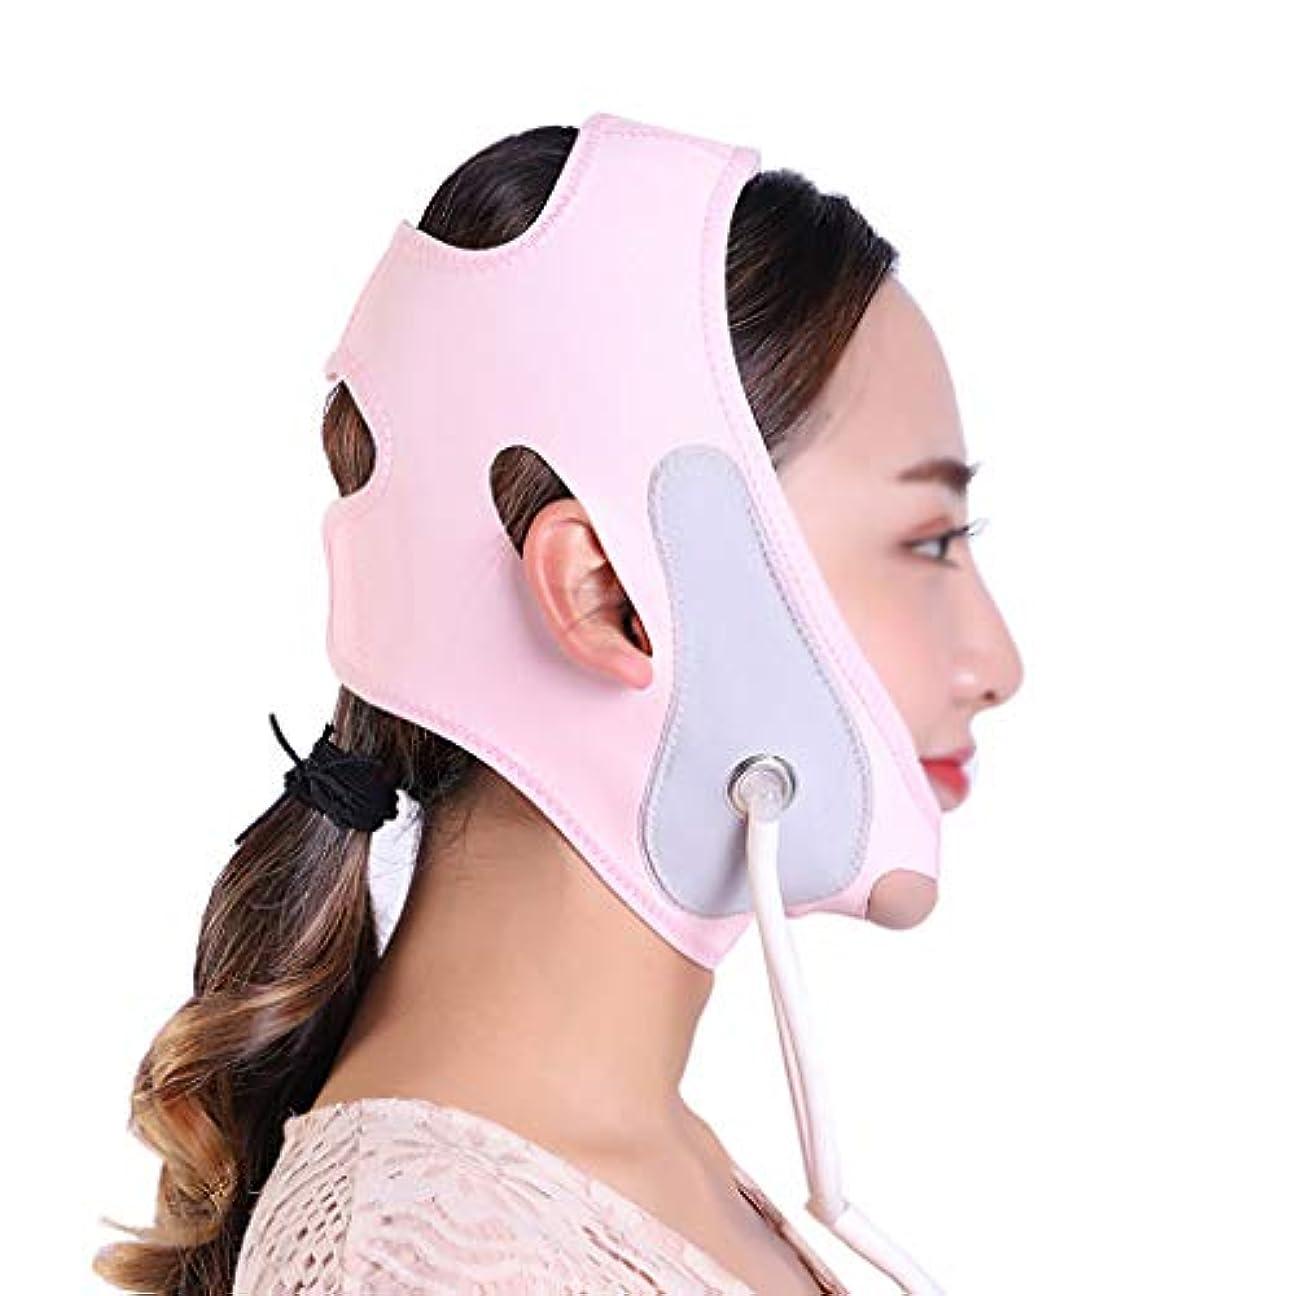 ピボット休憩するマーチャンダイザー顔と首のリフト後伸縮性のある袖の薄い顔のマスクの引き締めの改善咬筋の伸縮性のある薄い顔の弾性の包帯V顔のアーティファクト